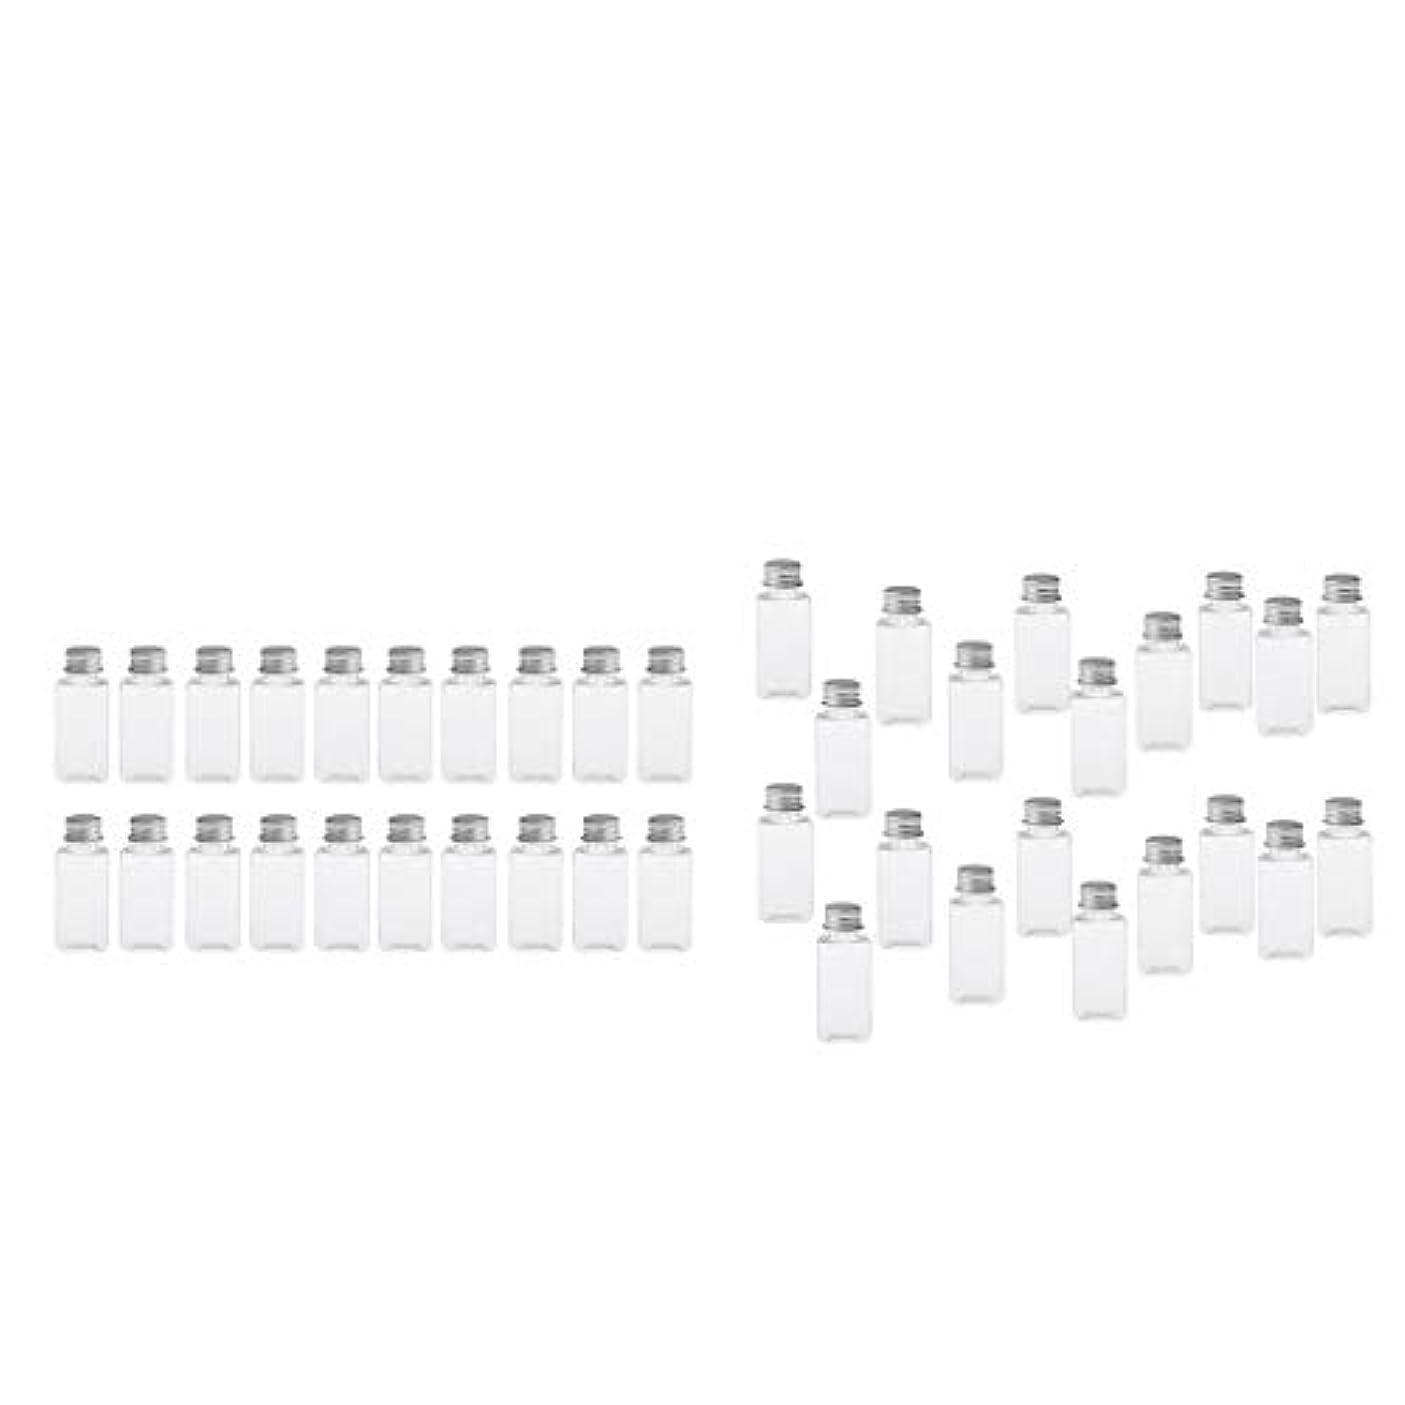 思想悲しい偽善T TOOYFUL 60個入り 空ボトル メイクアップボトル ローションボトル 化粧ボトル 旅行用品 全4選択 - クリア+銀(約40個)